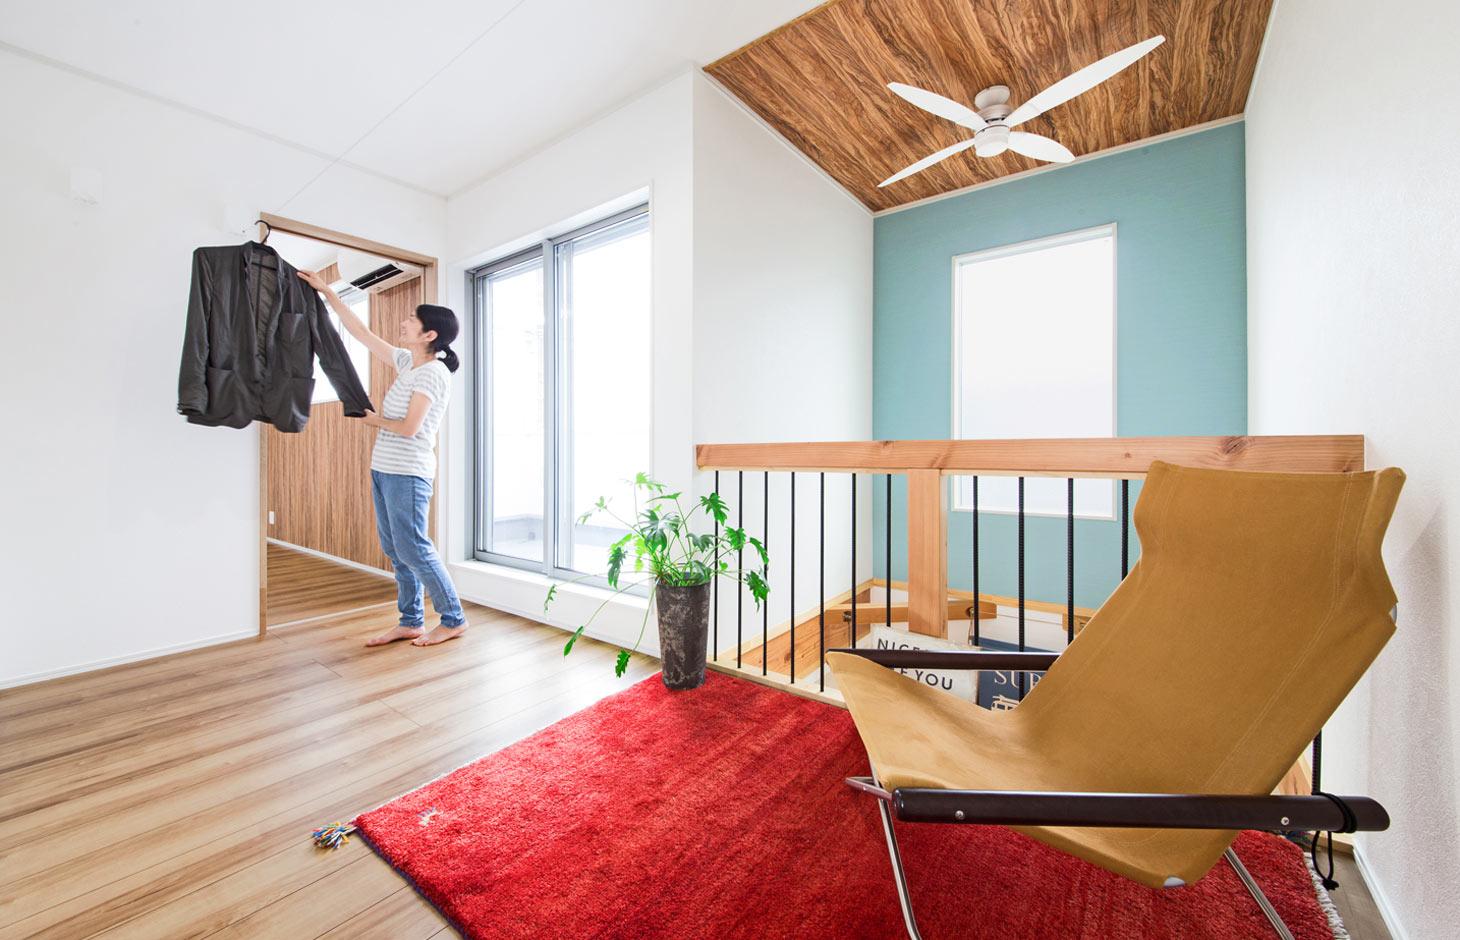 illi-to design 鳥居建設21【デザイン住宅、趣味、省エネ】2階ホール。高気密・高断熱、地中熱利用、24時間換気システムにより部屋干しも乾きが早い